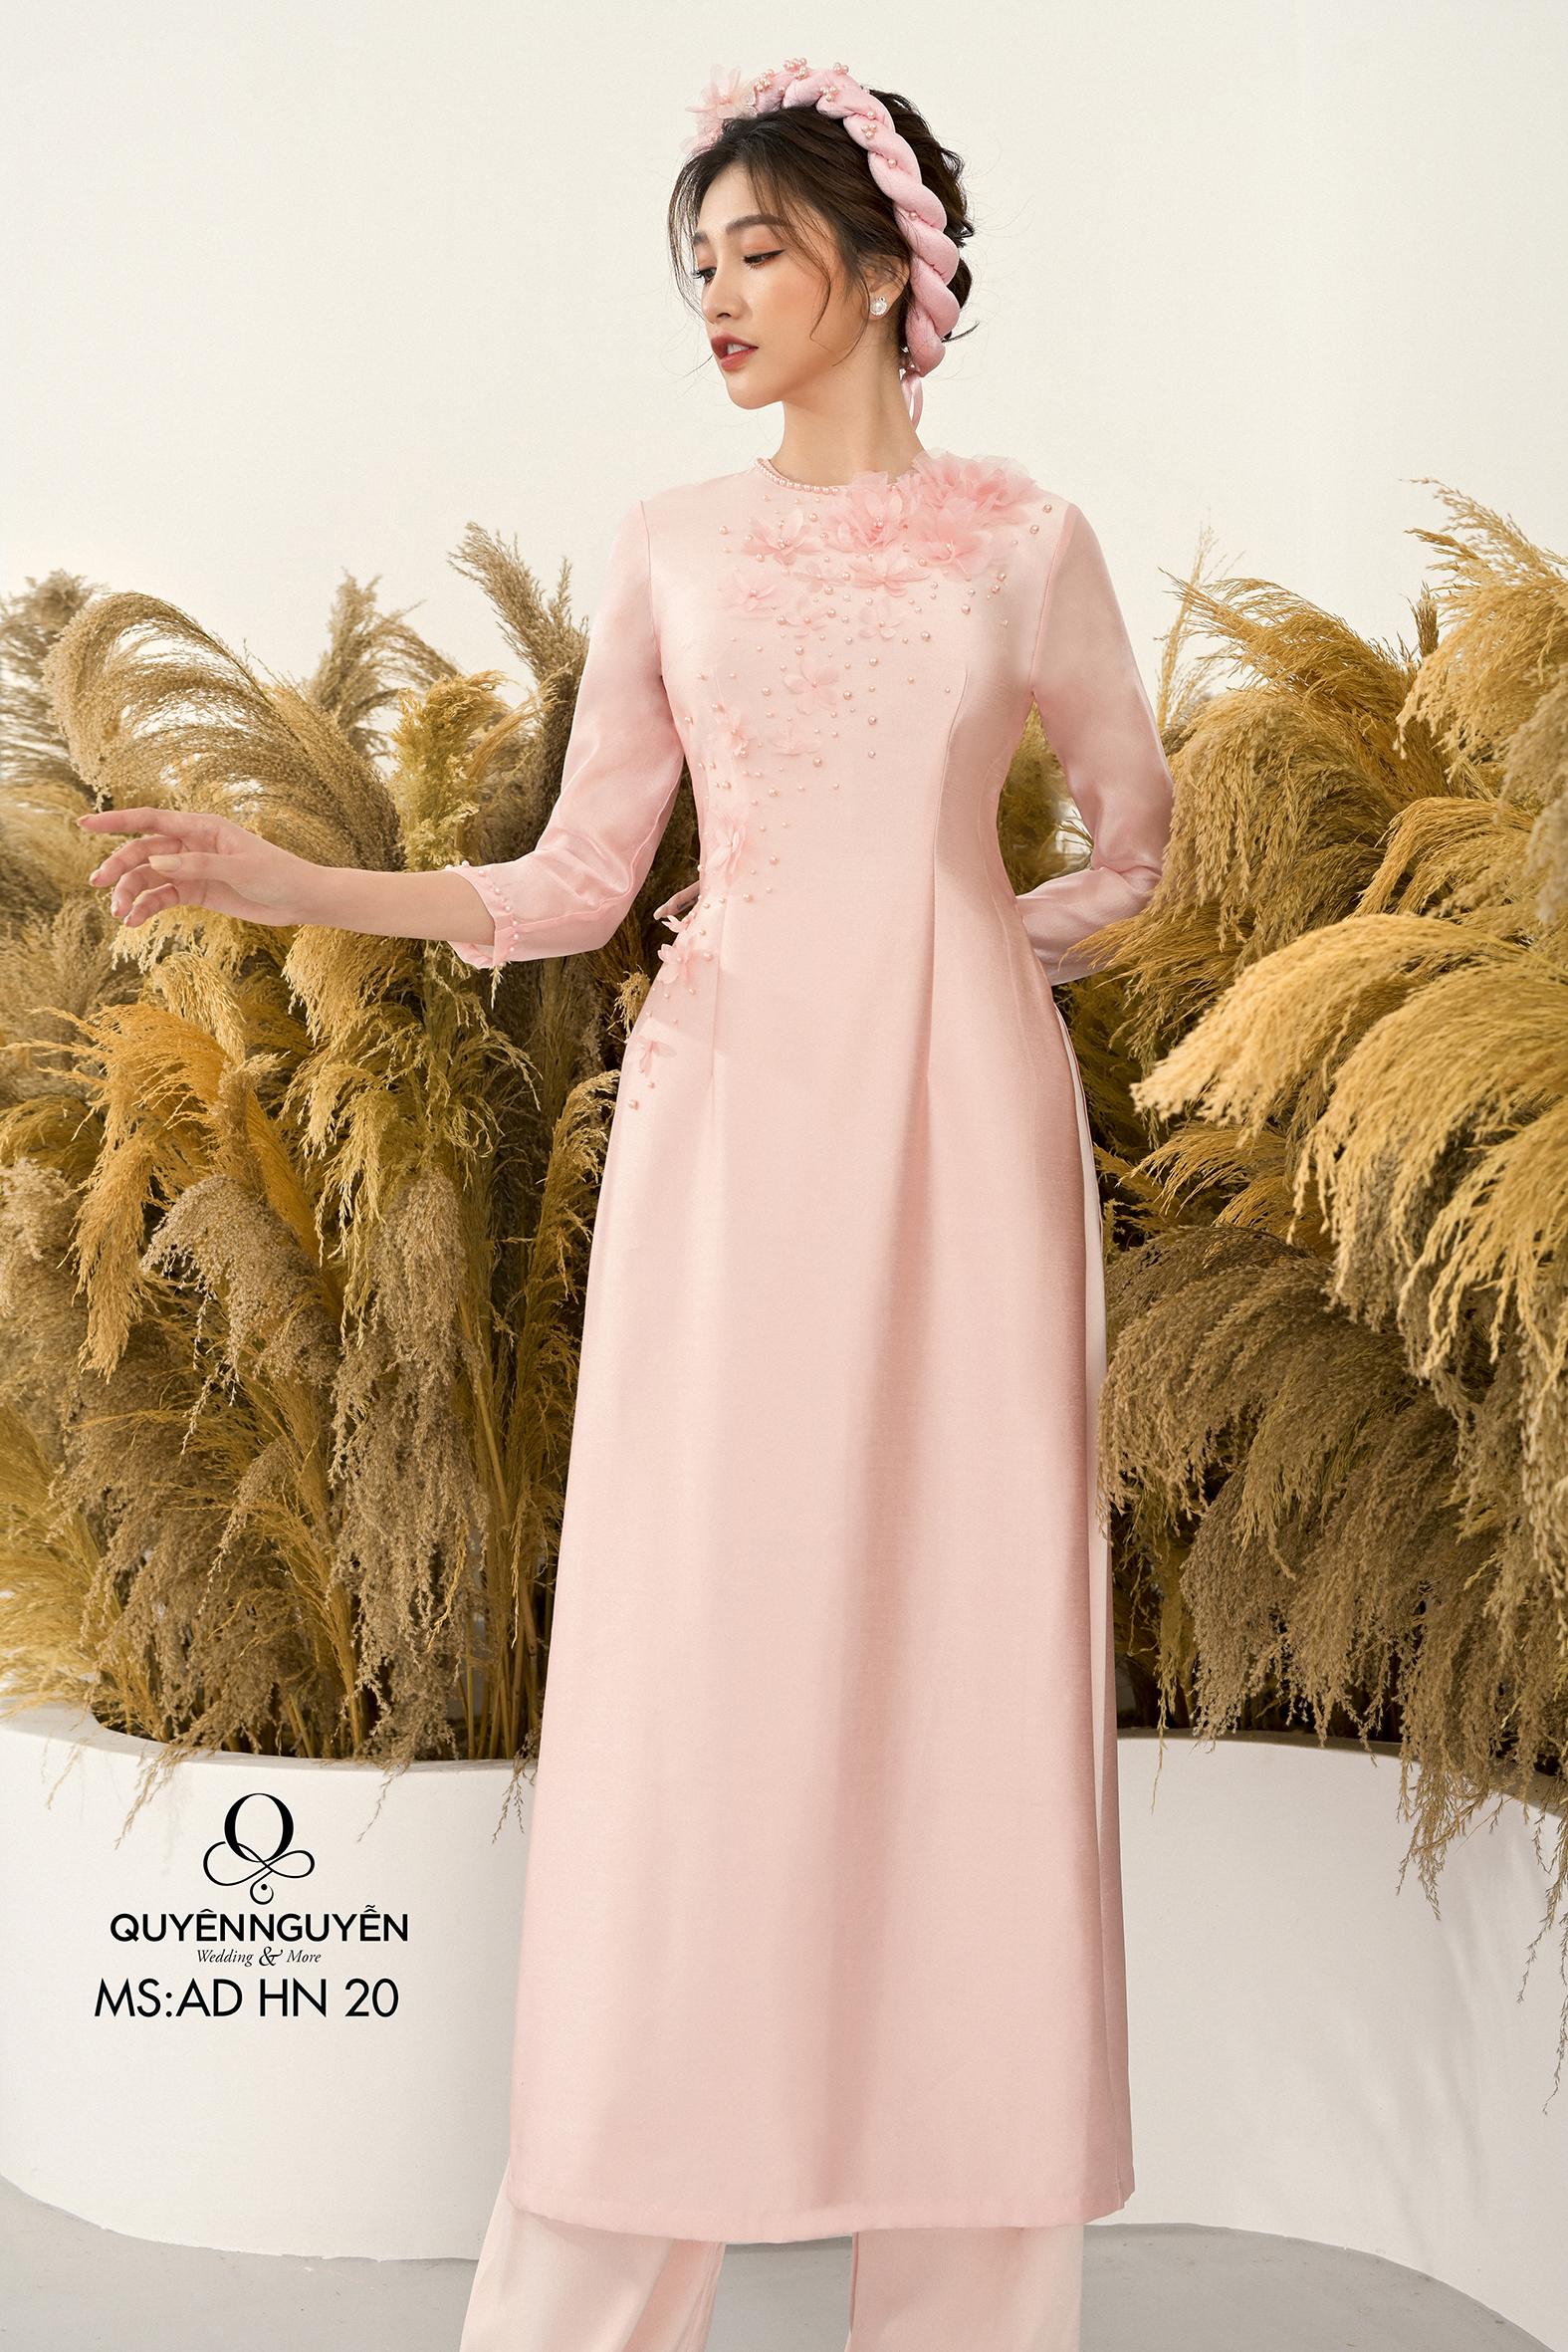 Áo dài cách tân tafta hàn quốc tông hồng nhạt họa tiết hoa 3D